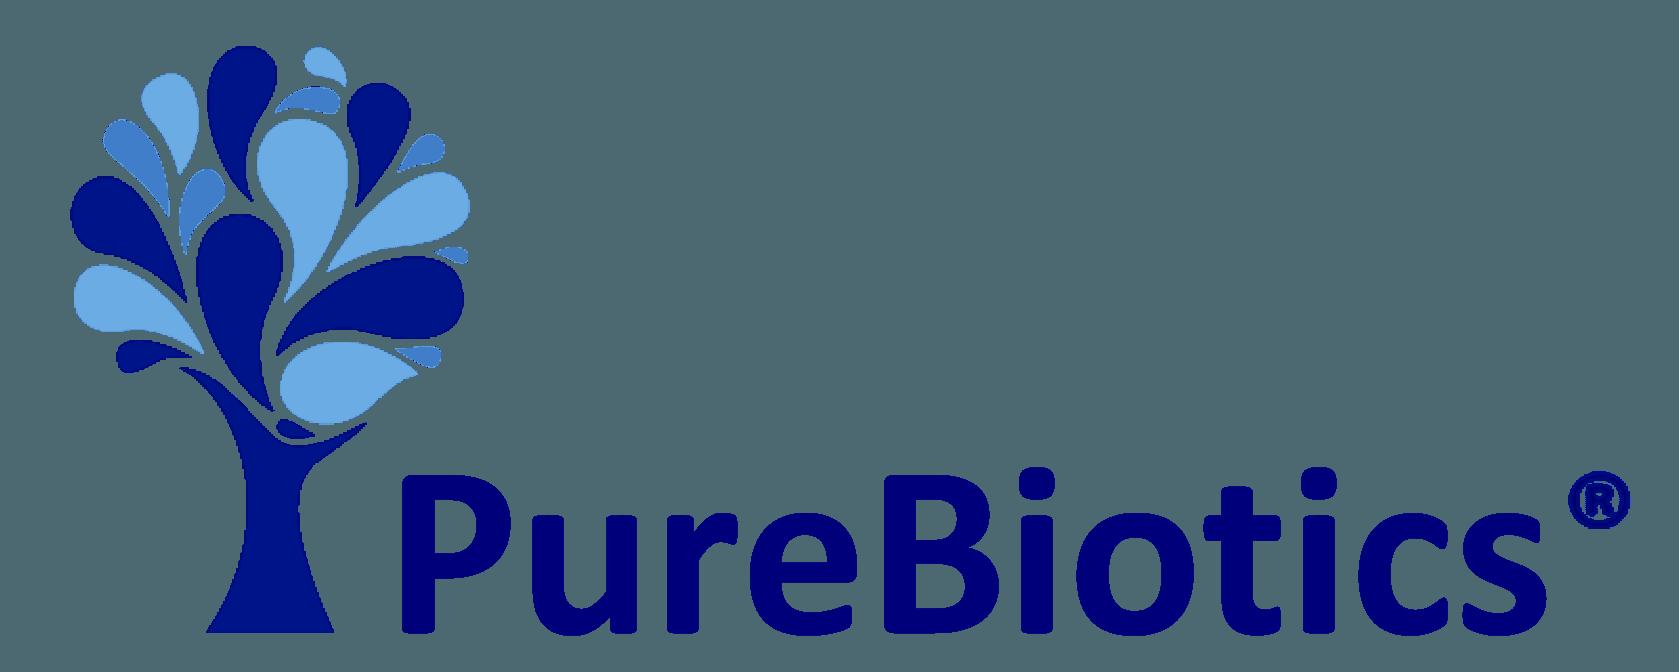 purebiotics probiotic cleaners https://purebioticsusa.com/#a_aid=5d07dcb5afbd8